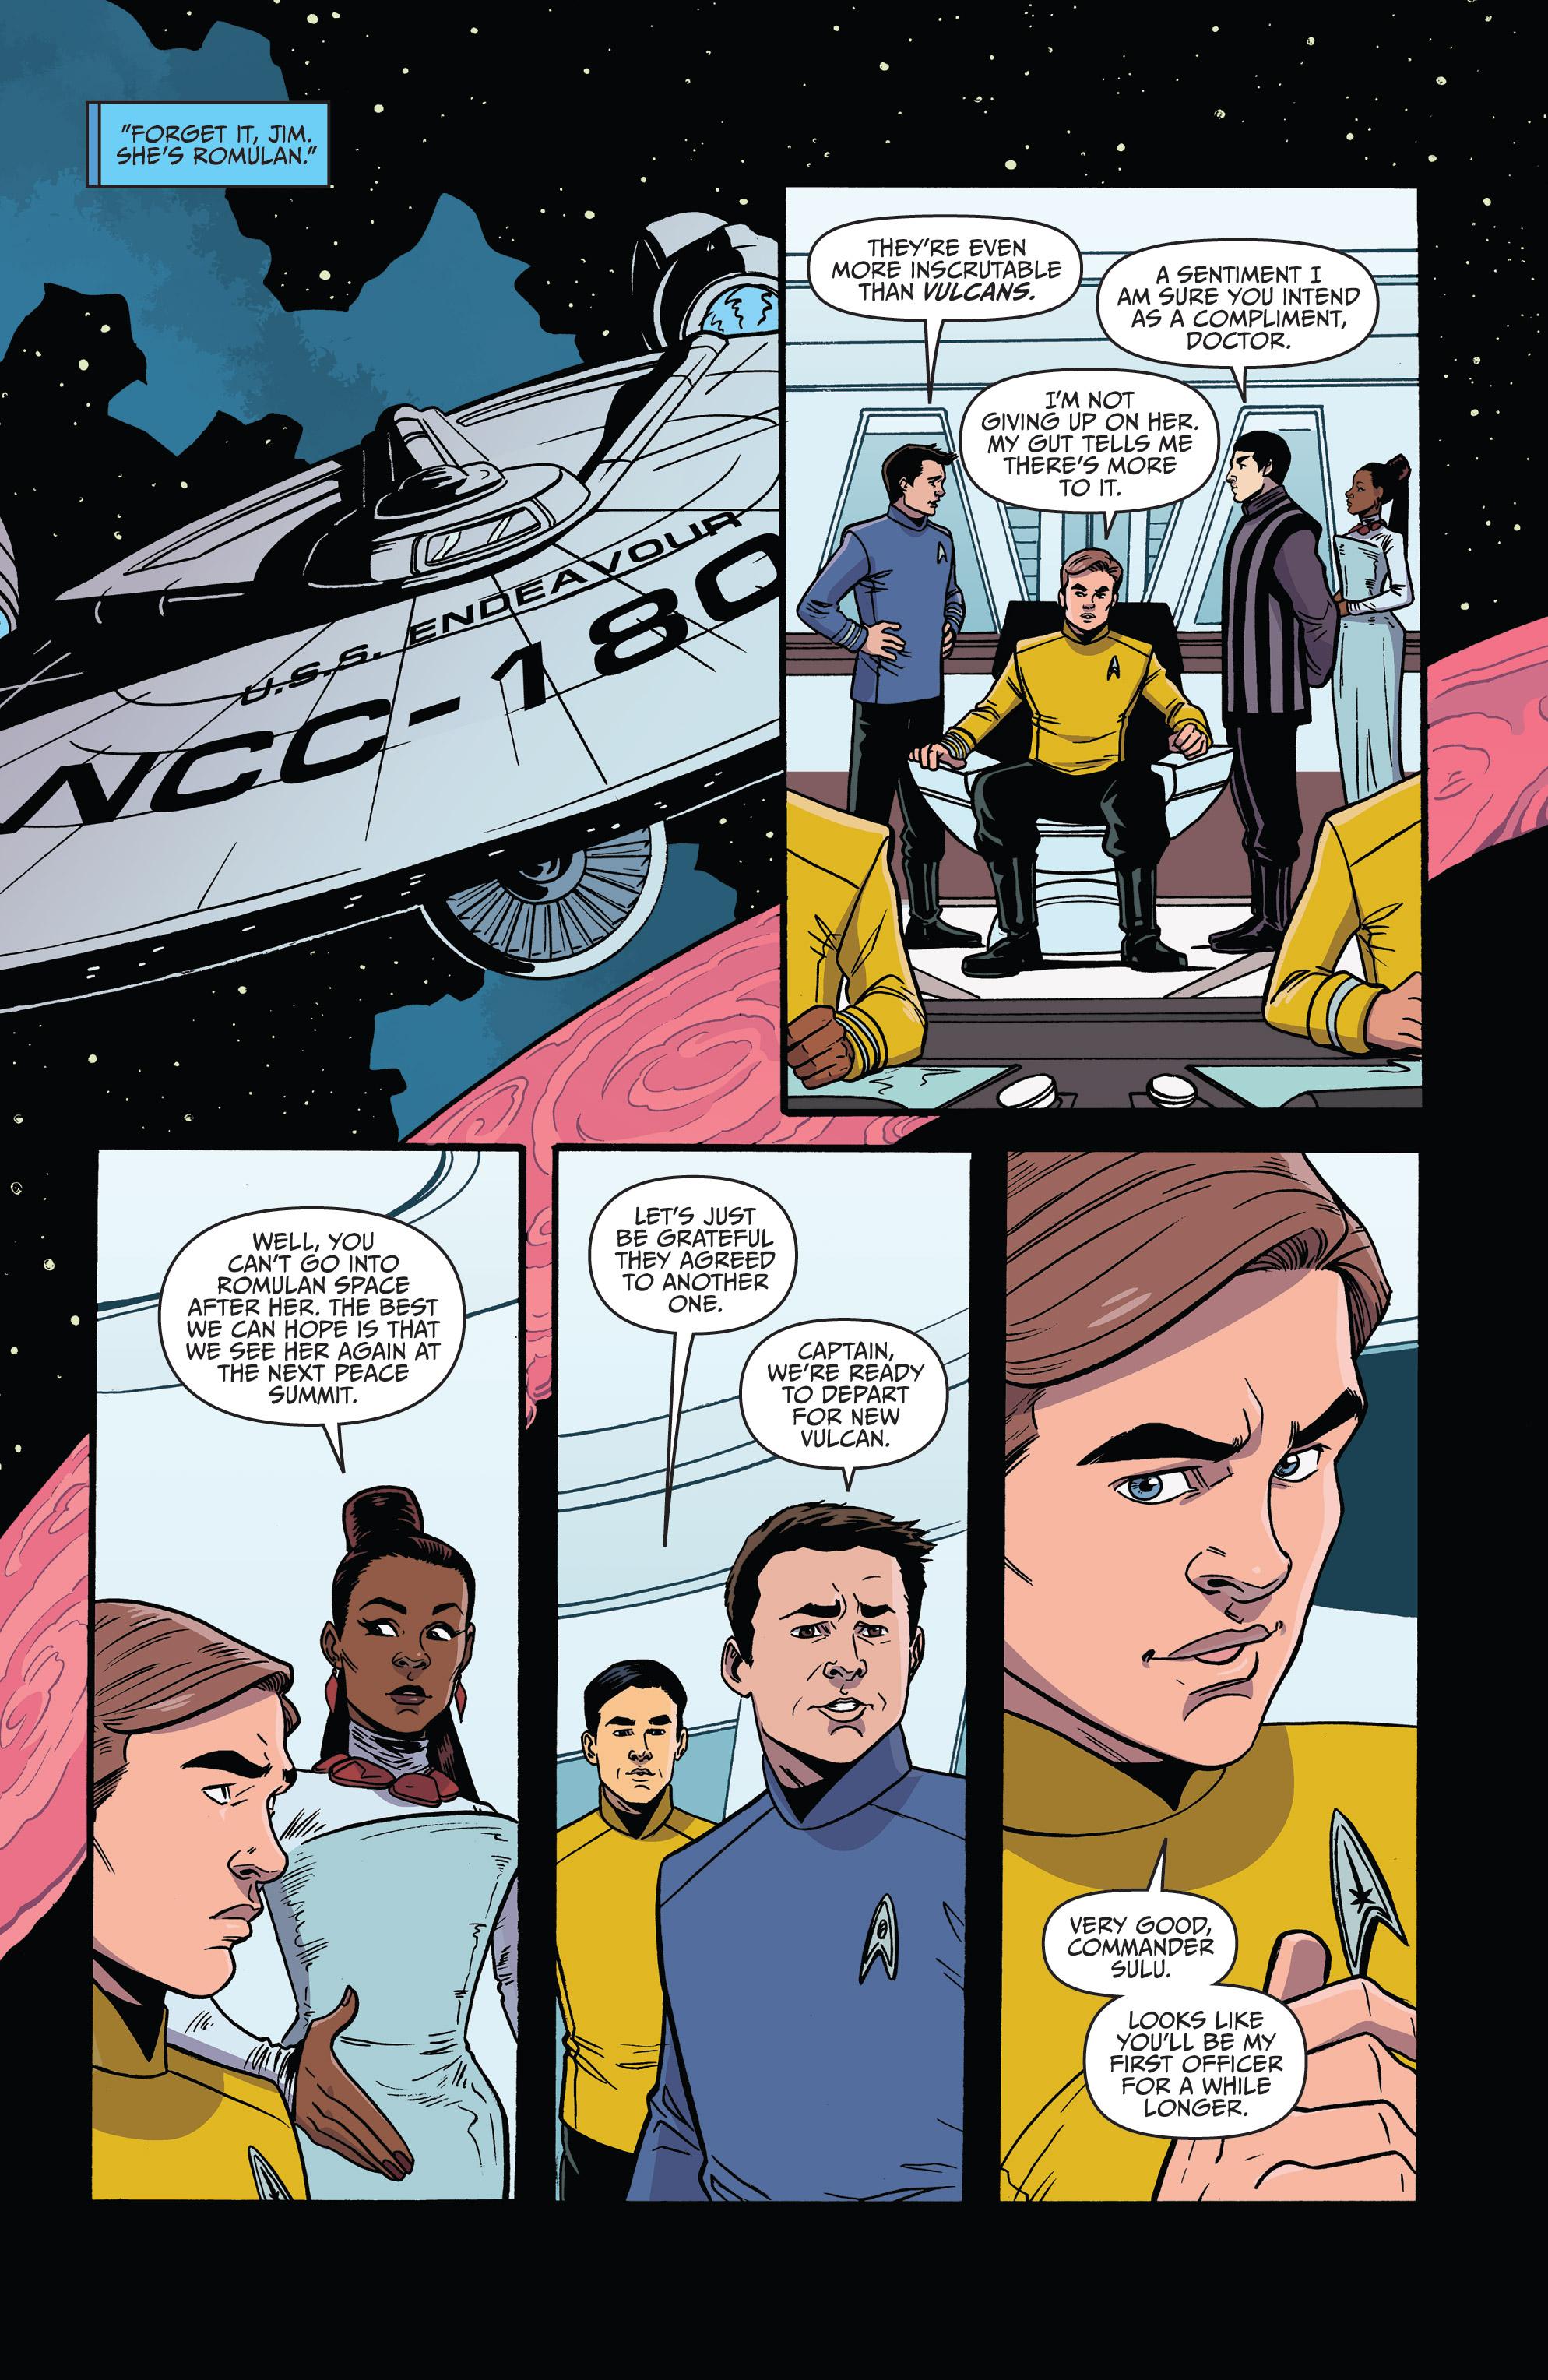 Read online Star Trek: Boldly Go comic -  Issue #8 - 21